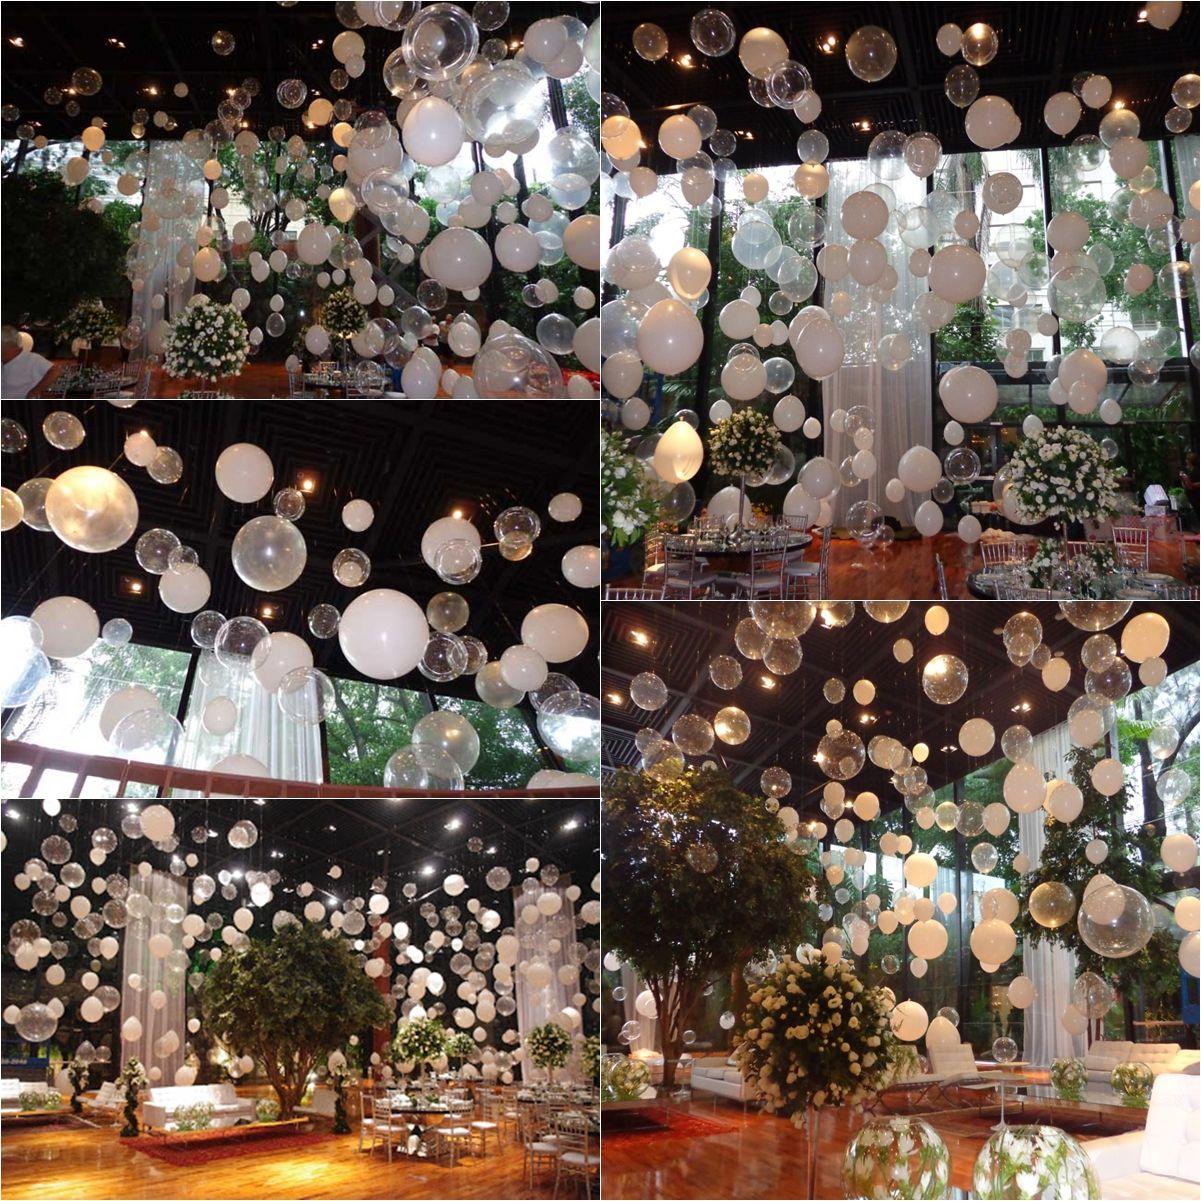 decoraç u00e3o de casamento feita com balões de alta qualidade  # Decoração Balões Casamento